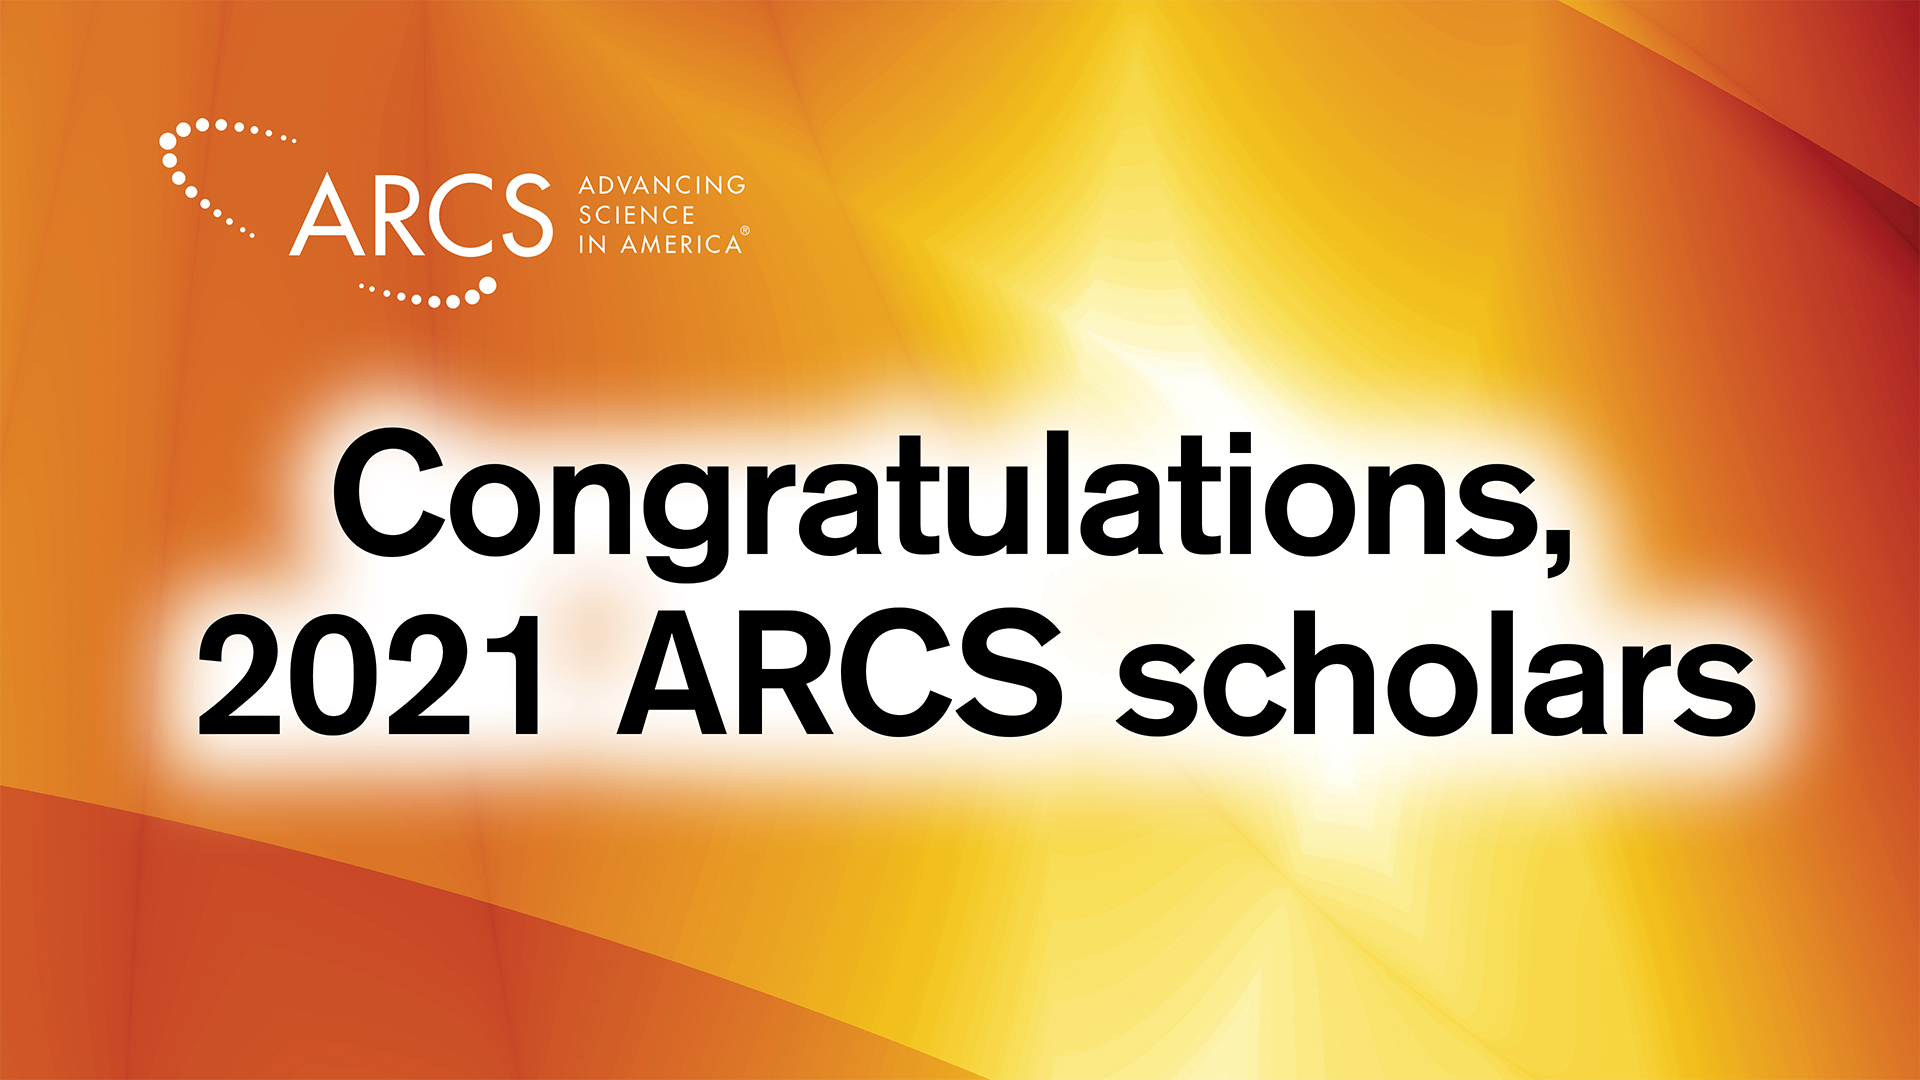 Congratulations, 2021 ARCS scholars